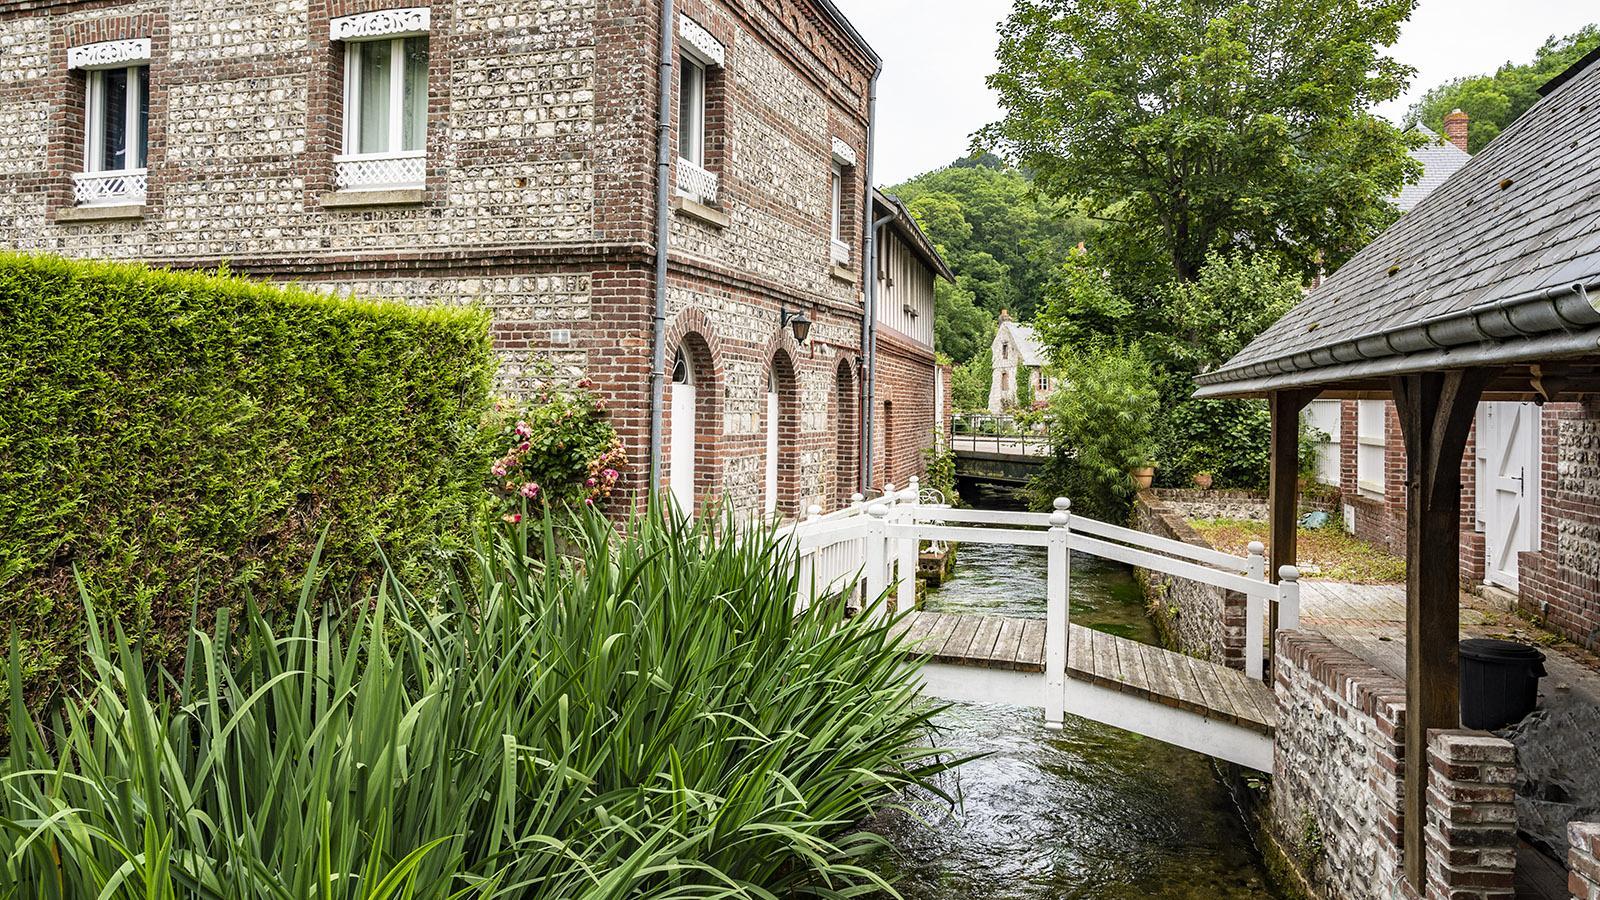 Silex-Backstein-Häuser säumen in Veules-les-Roses das Ufer der Veules. Foto: Hilke Maunder